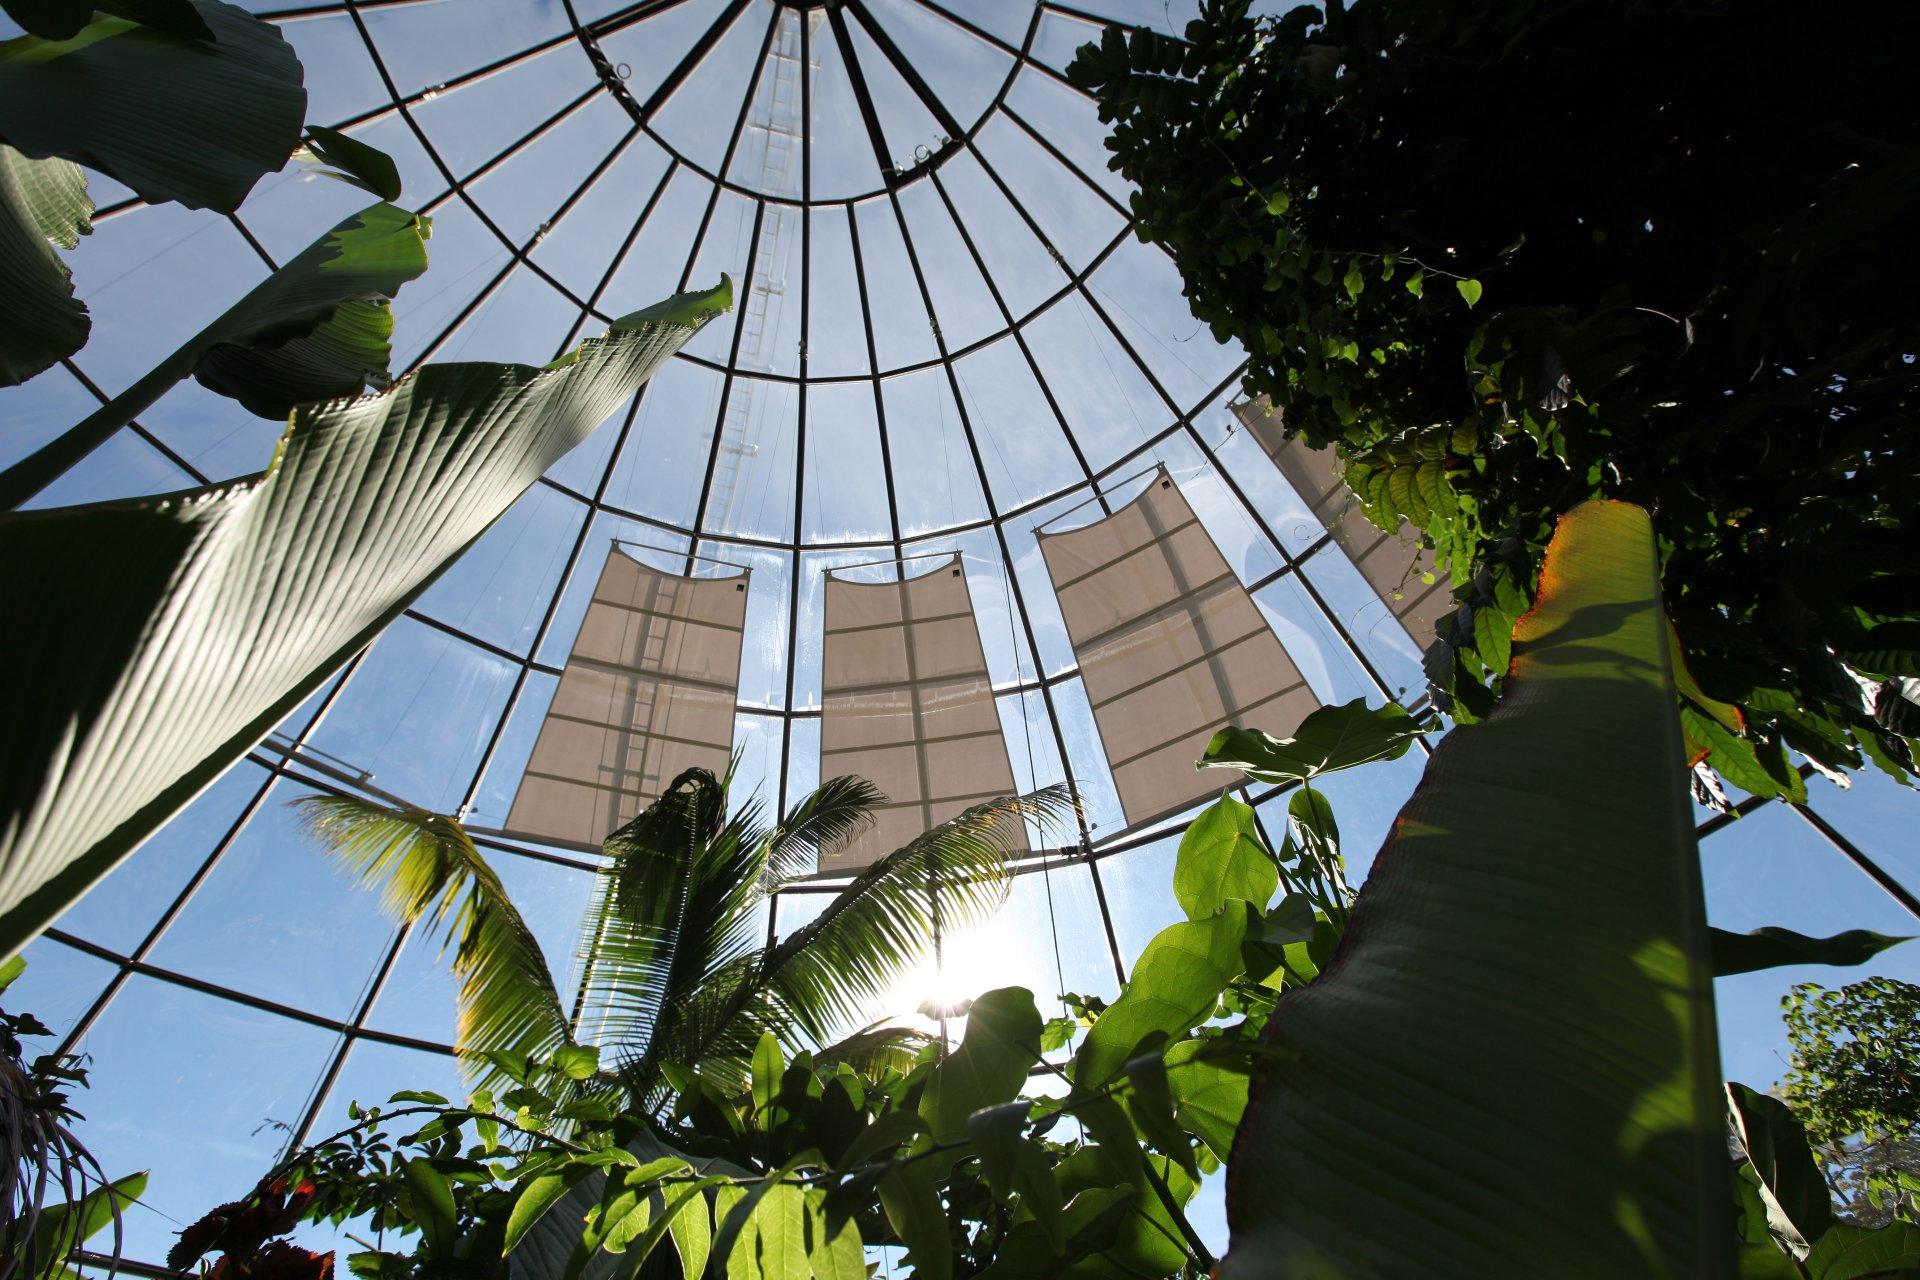 Botanischer Garten Zürich - SunSquare Sonnensegel